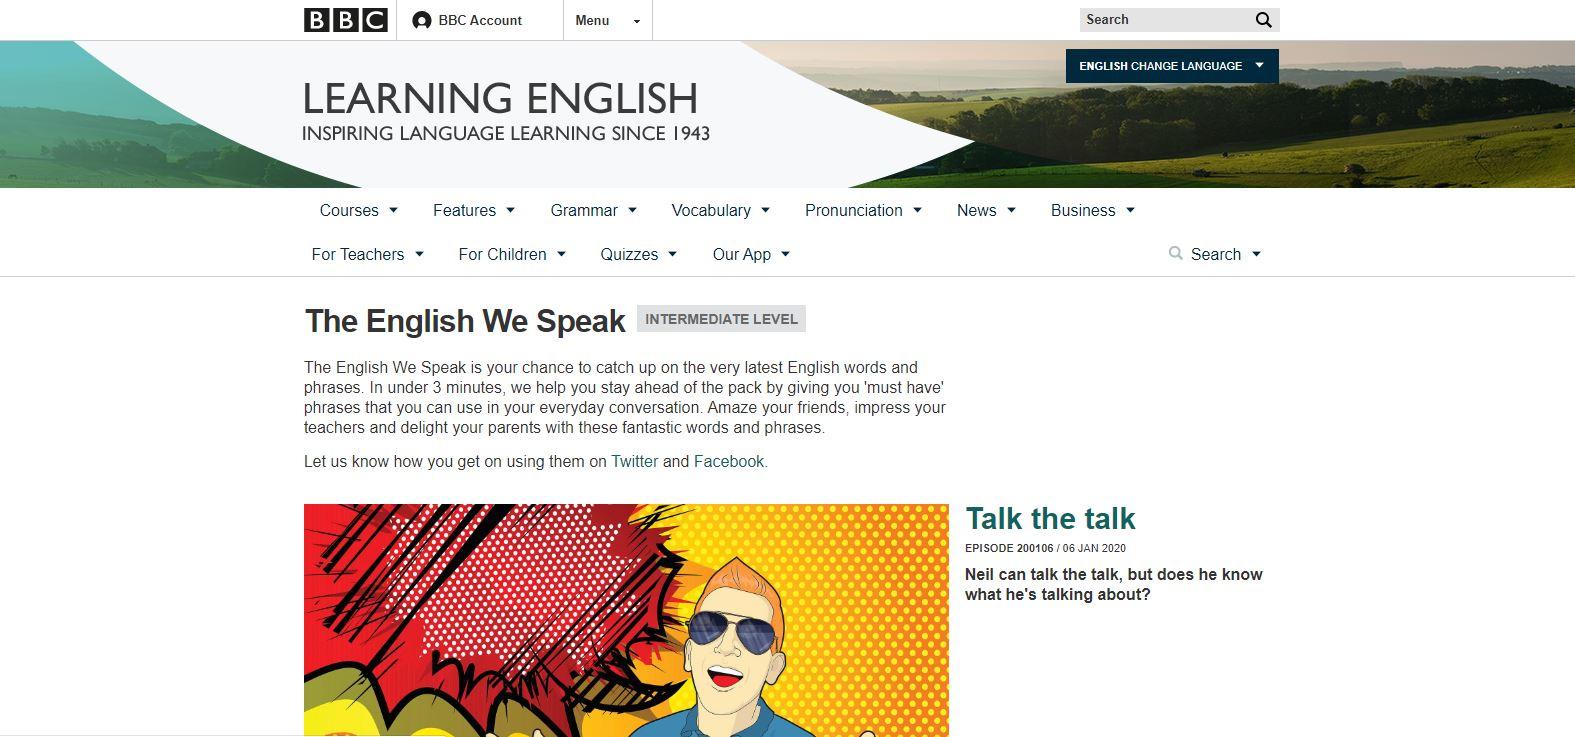 پادکست آموزش زبان انگلیسی bbc